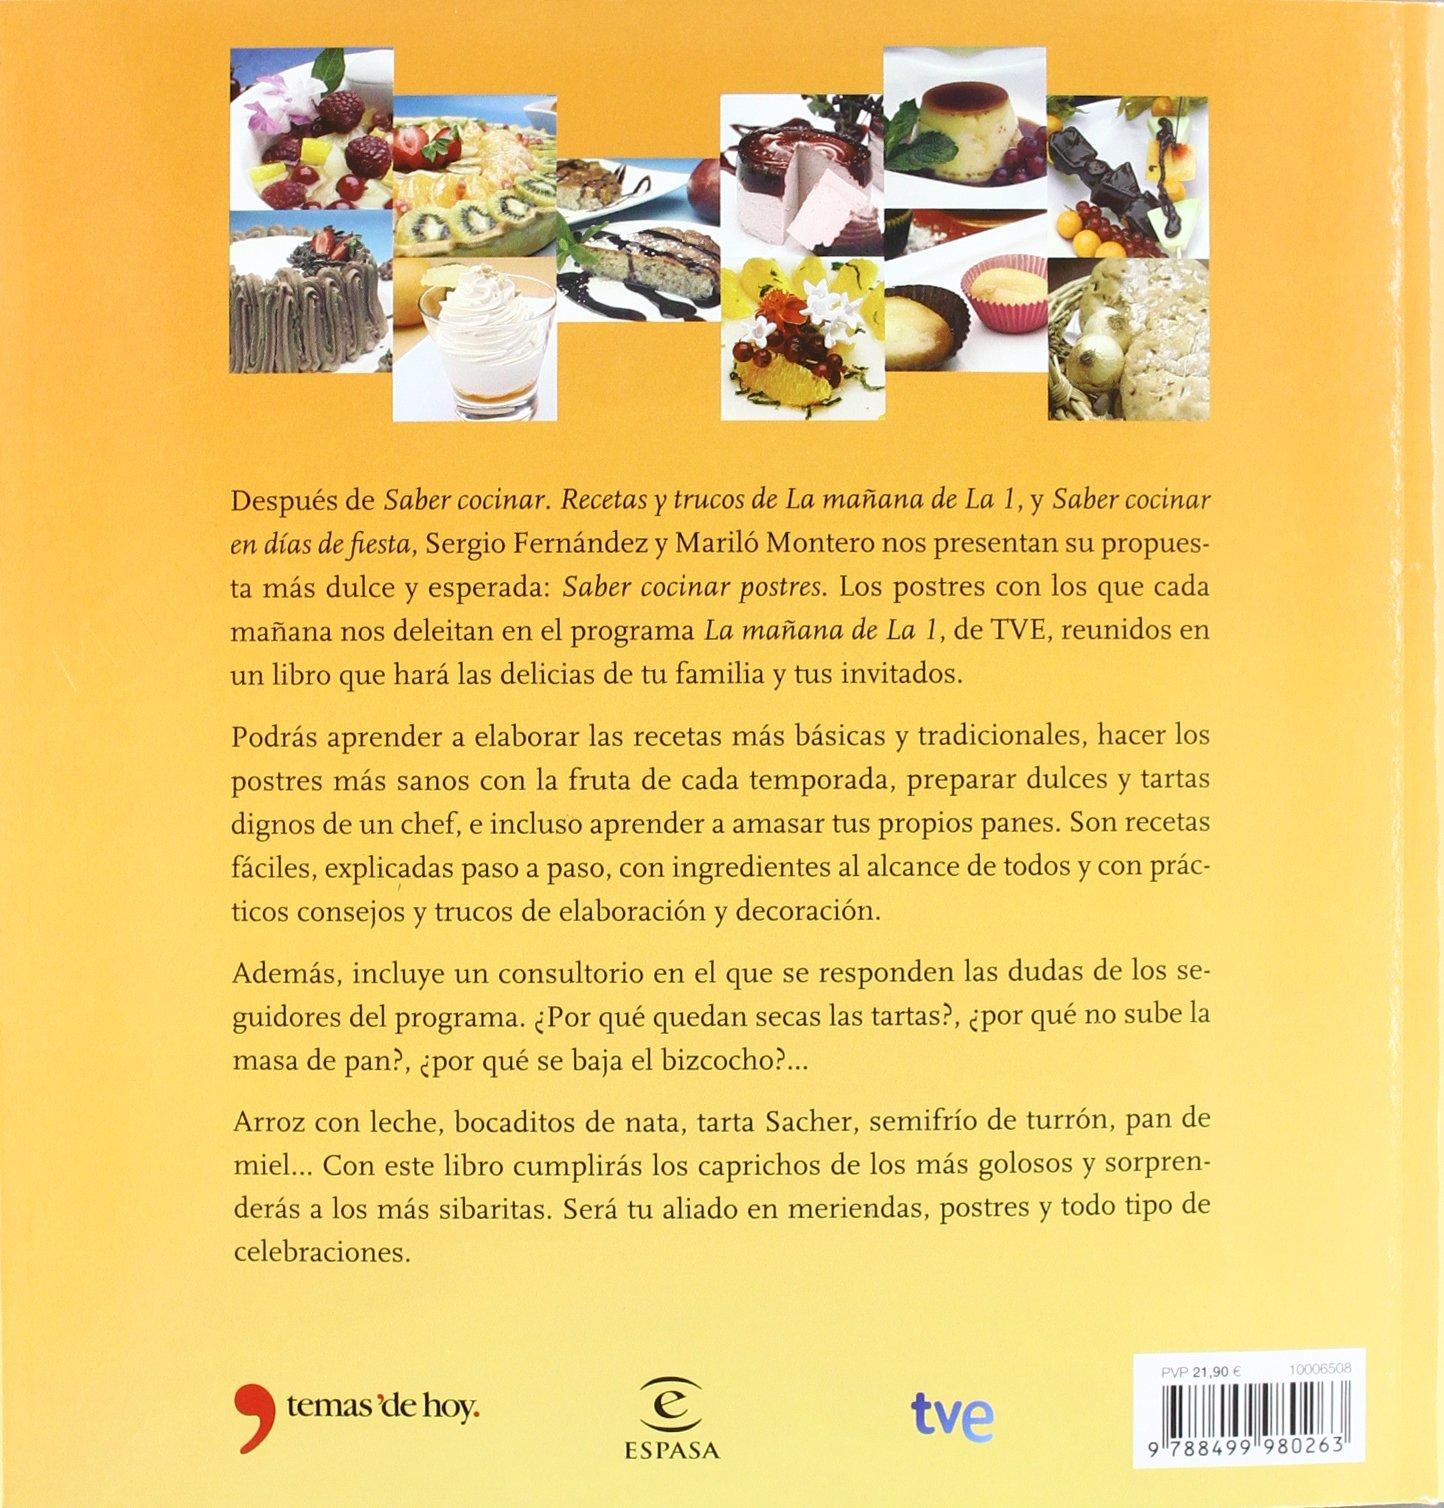 Saber cocinar postres: Amazon.es: Sergio Fernández, Mariló Montero: Libros